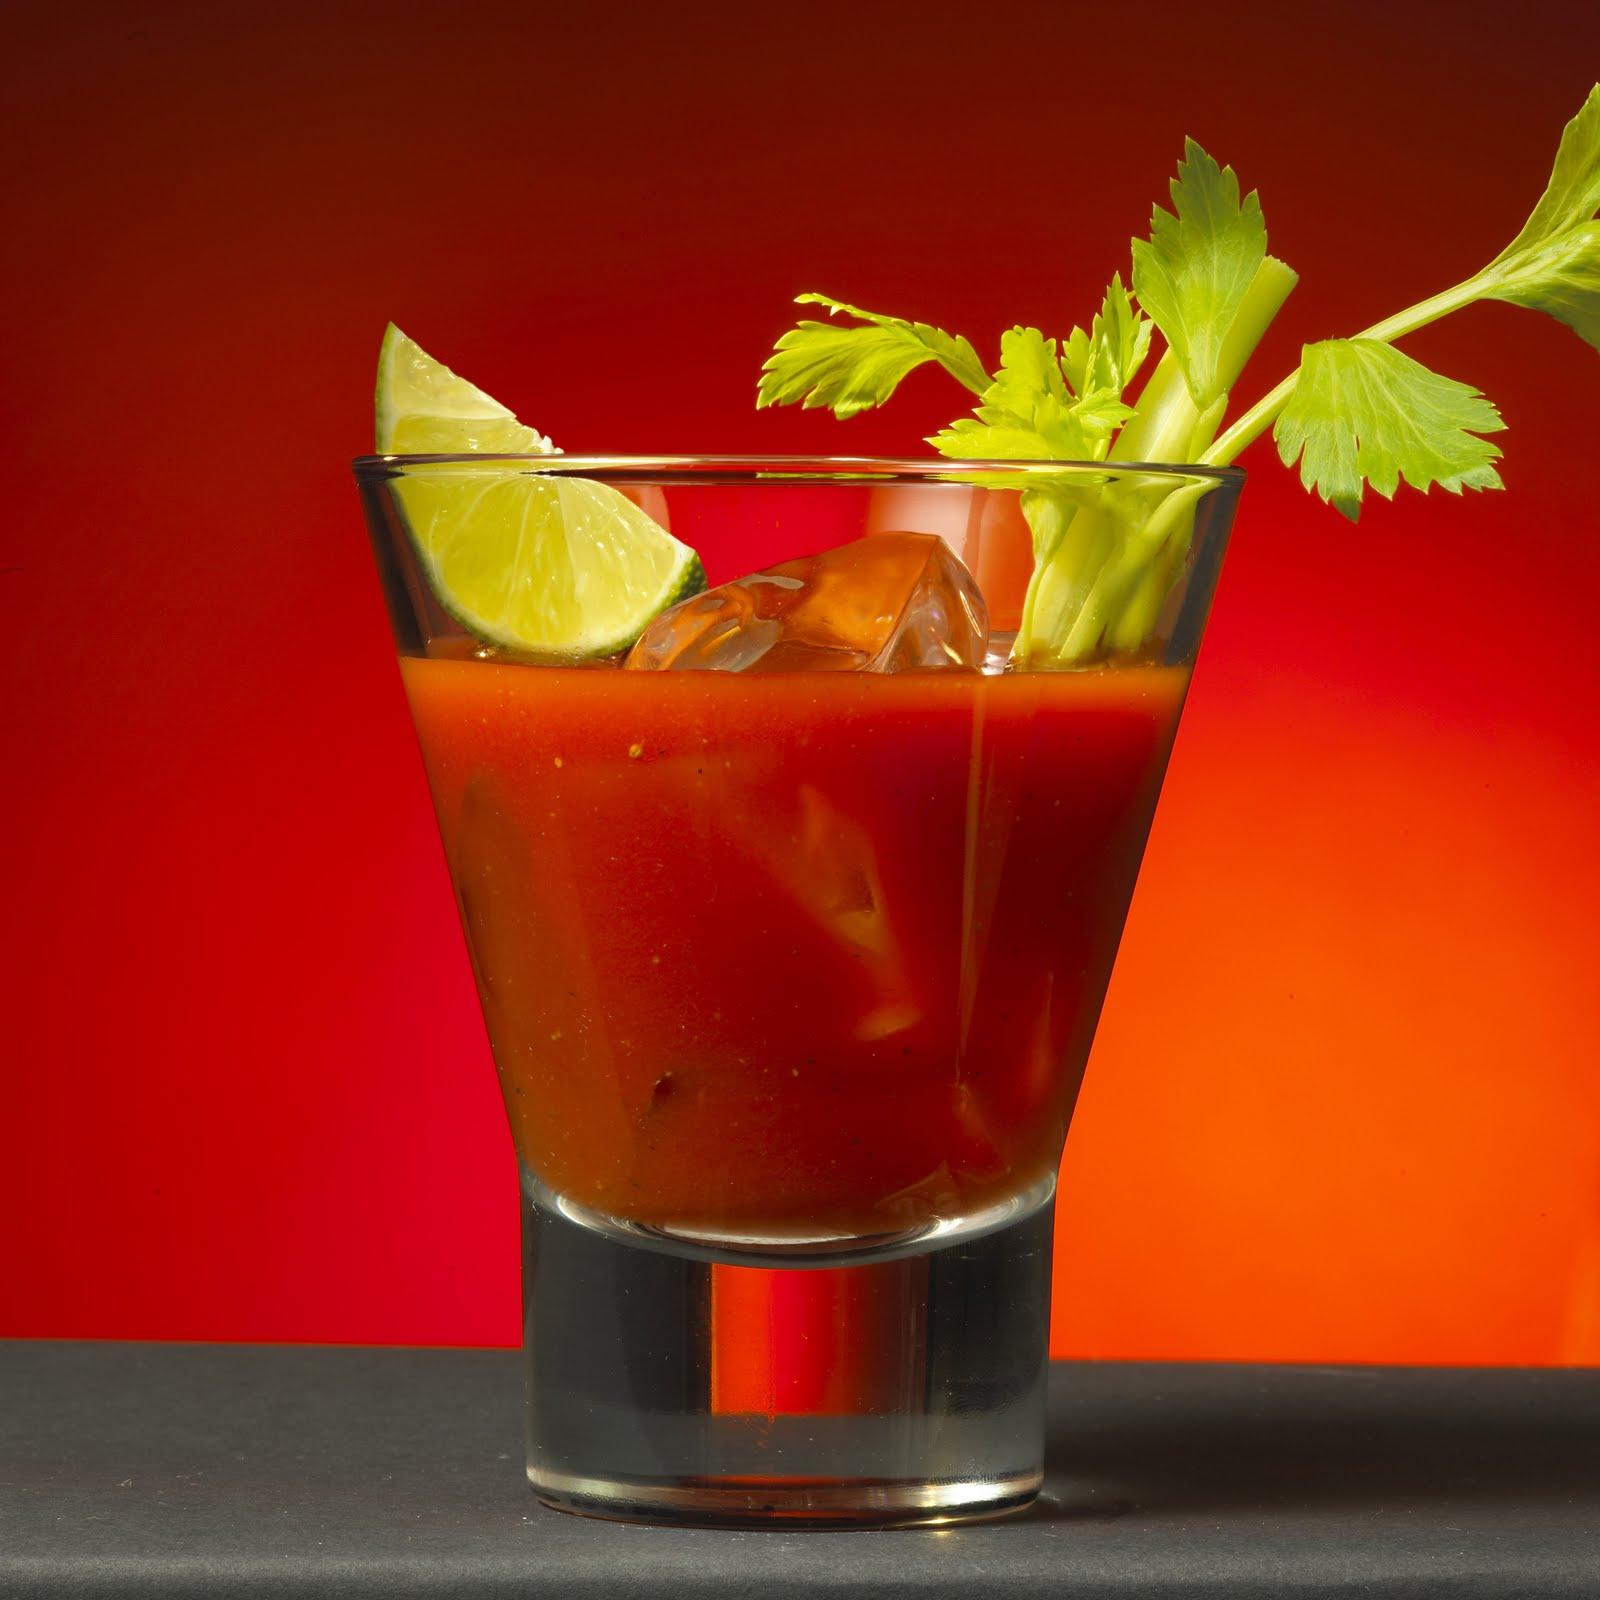 Best Served Hot: Cocktails!